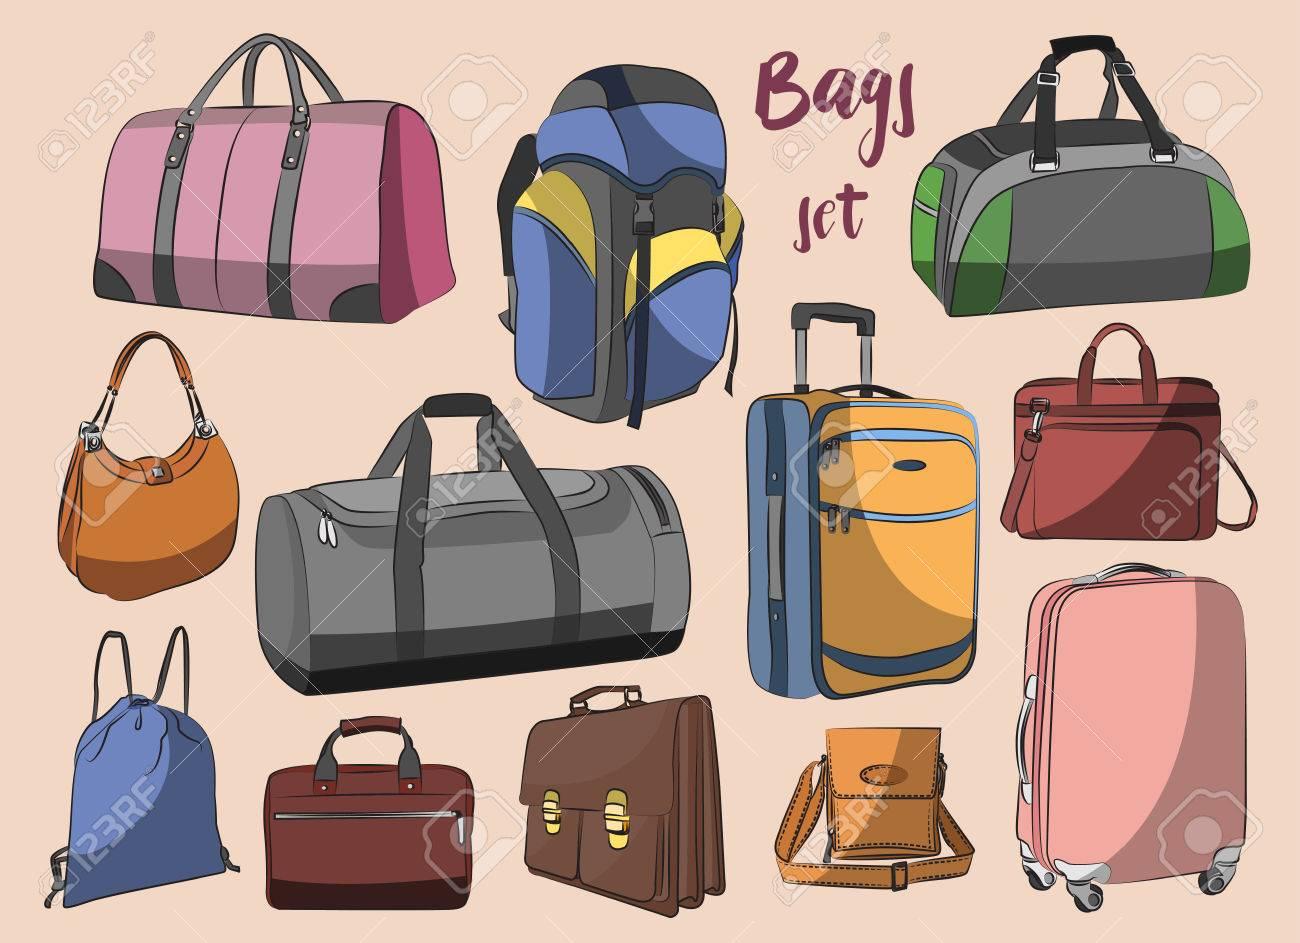 sitio de buena reputación 74e46 cca28 Los diferentes tipos de bolsas, cajas, maletas, mochilas, los niños  mochila, caja, bolso de la señora, el equipaje de mano, bolso y otros.  ilustración ...